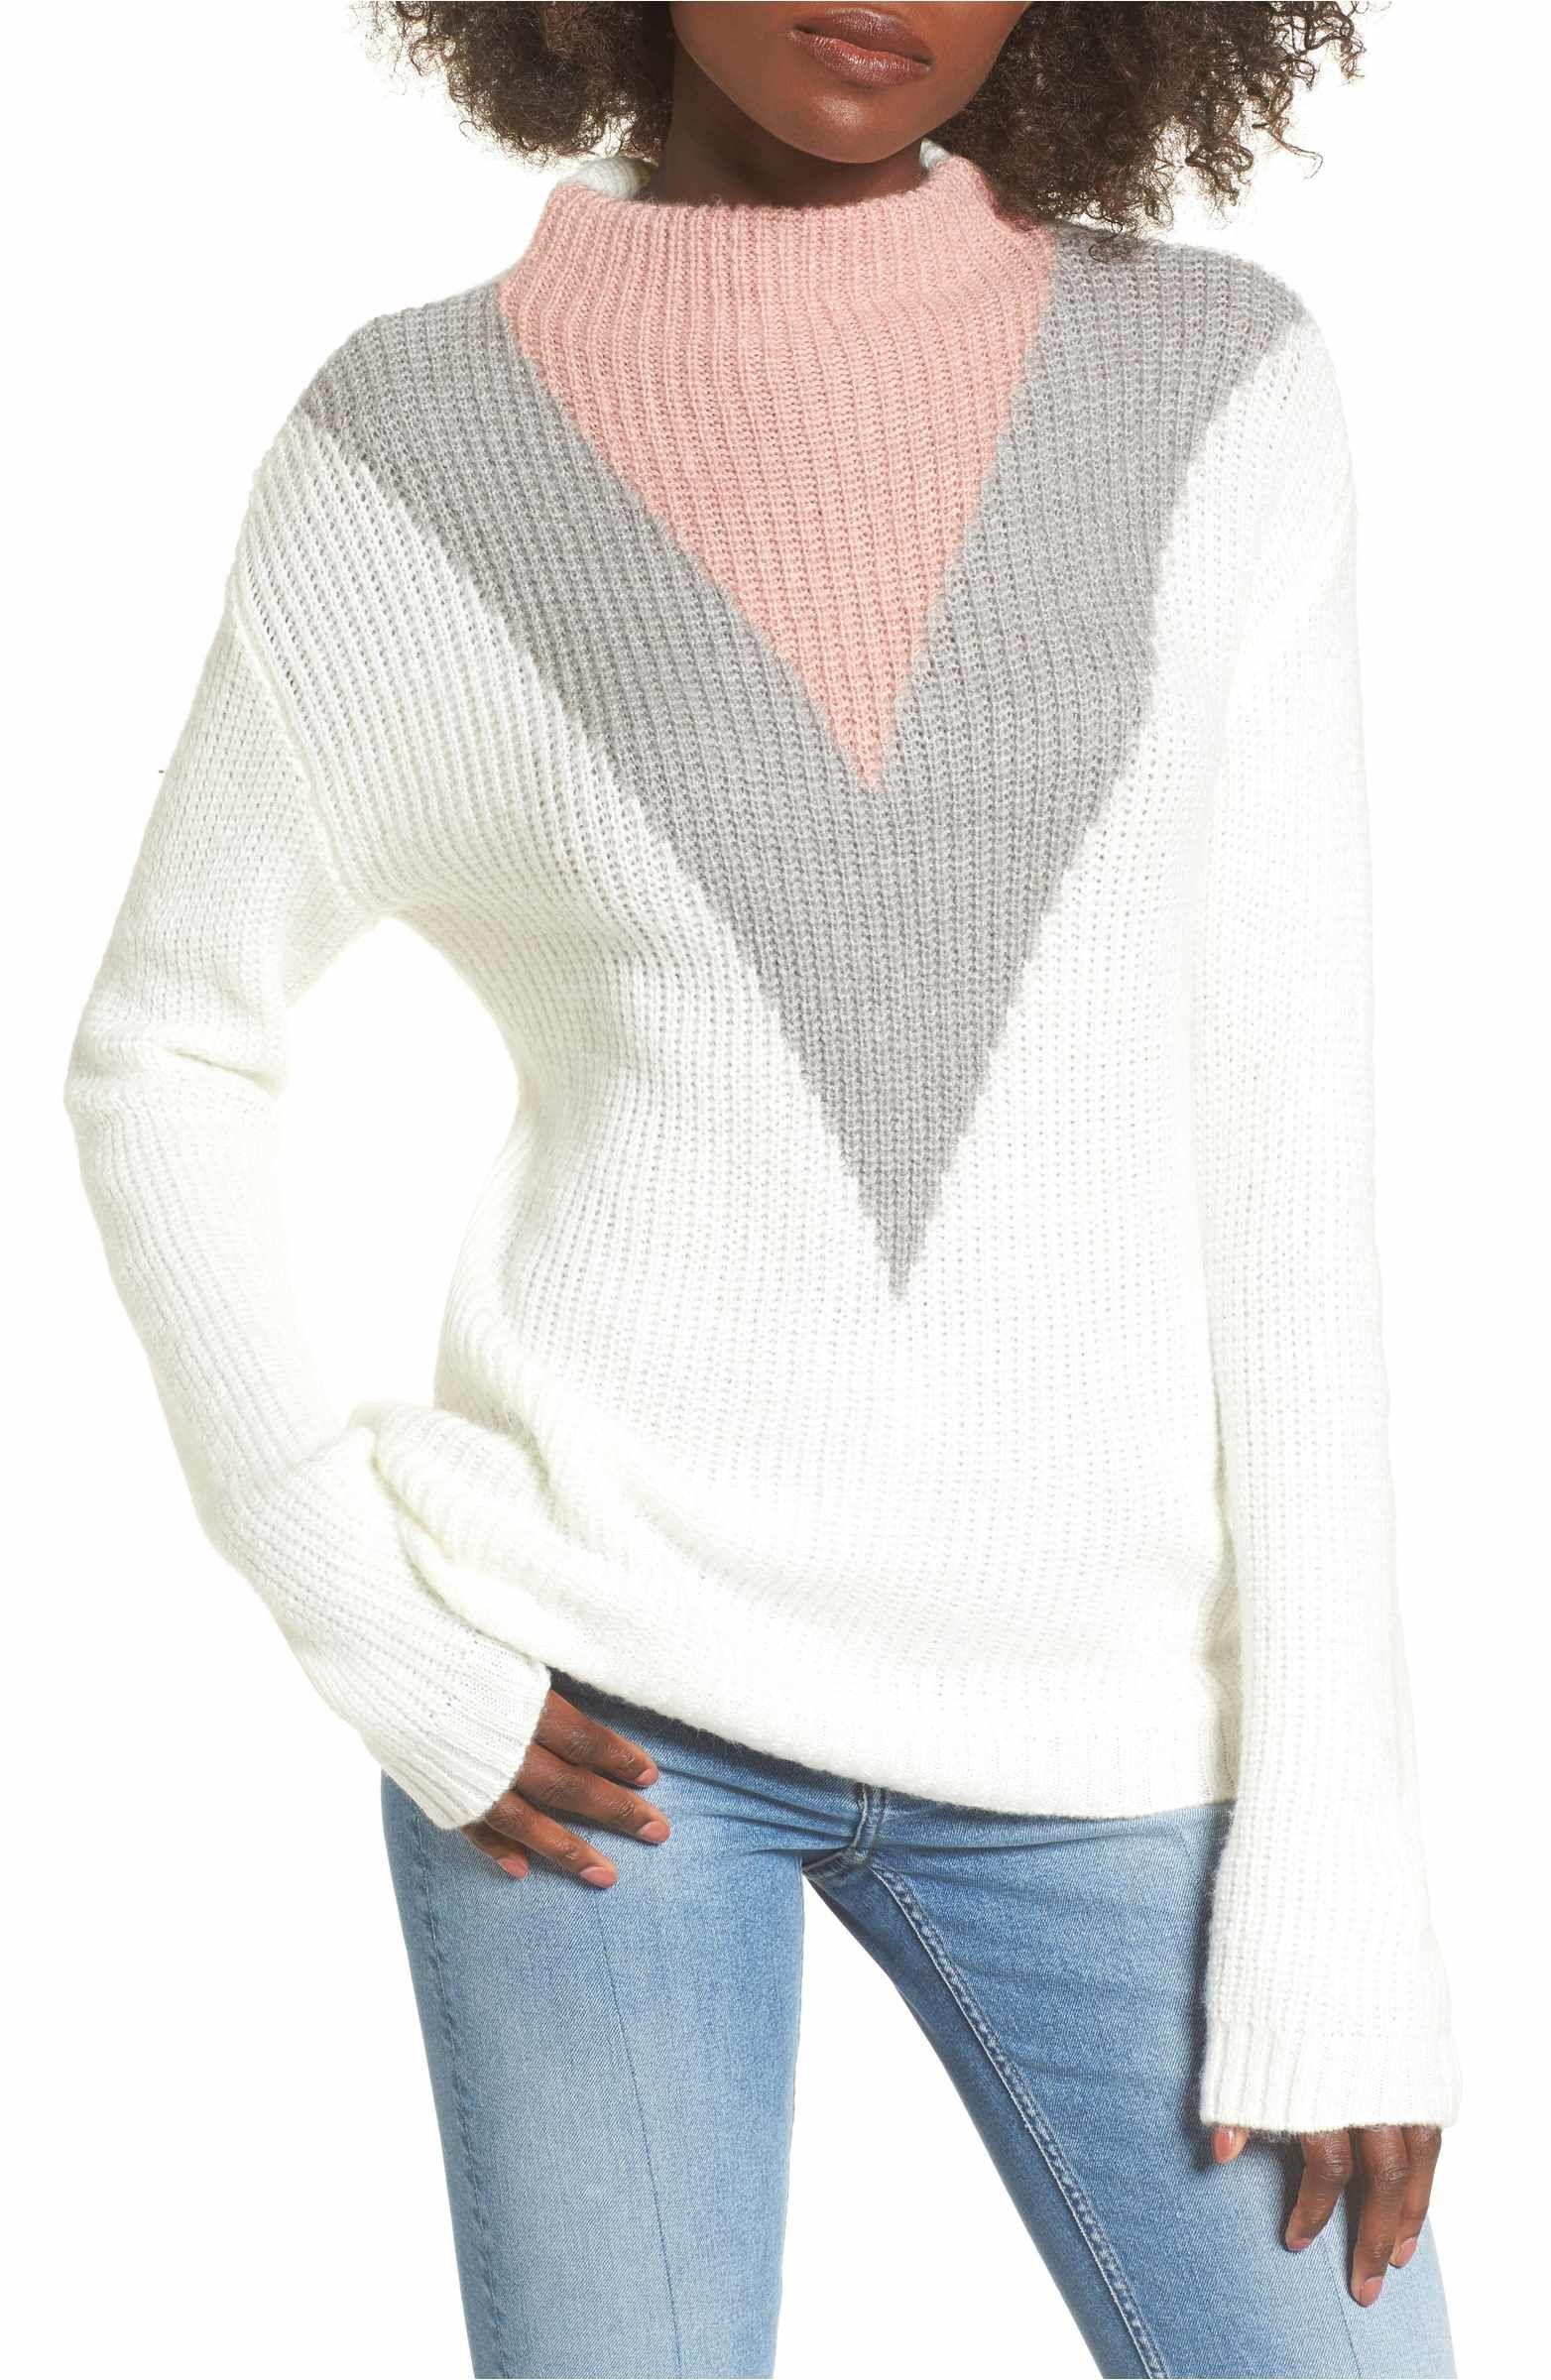 fda534505 Main Image - Cotton Emporium Tri-Color Après Ski Sweater